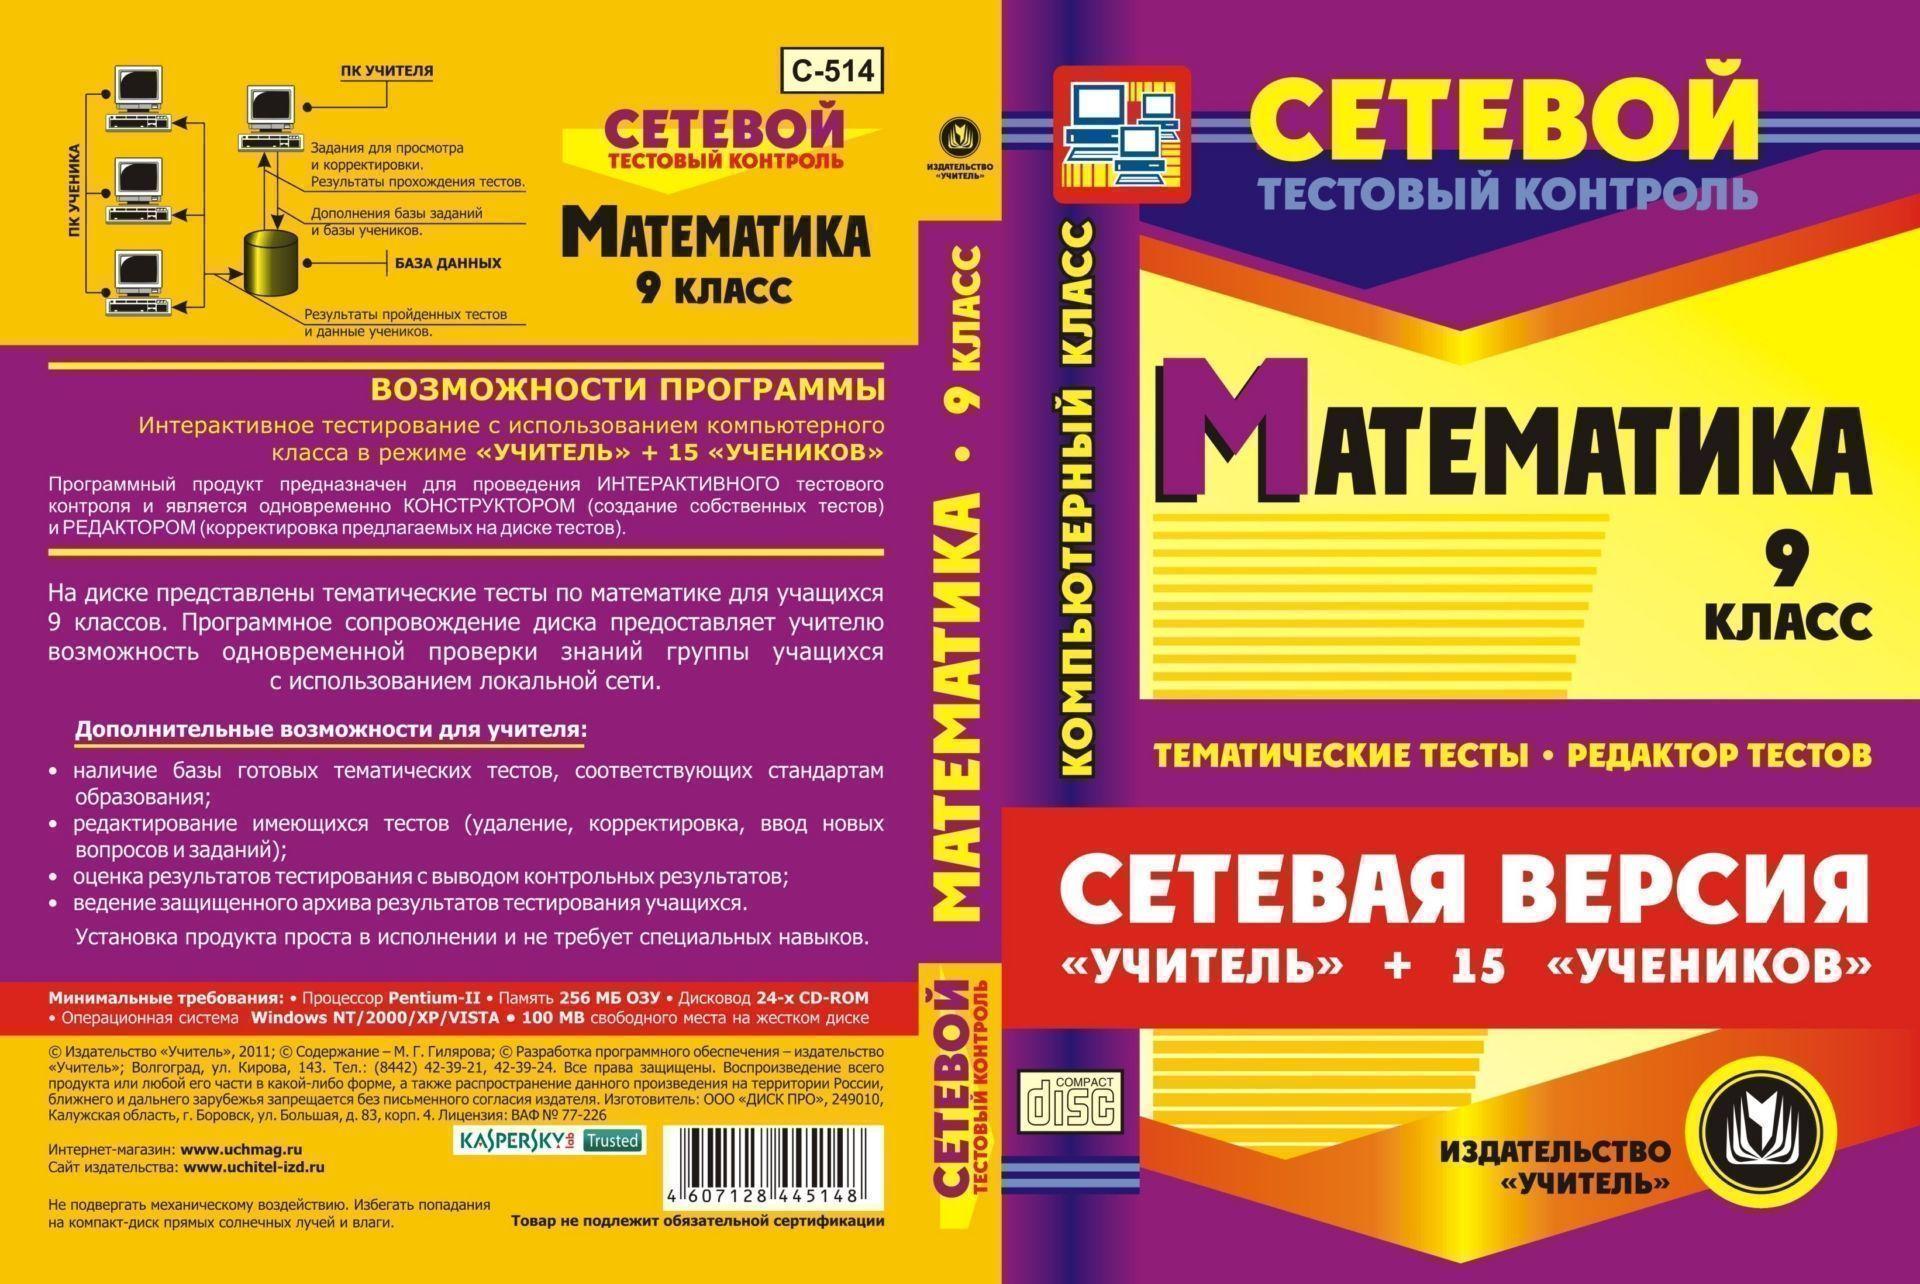 Сетевая версия Учитель + 15 учеников. Математика. 9 класс. Компакт-диск для компьютера: Тематические тесты. Редактор тестов.Предметы<br>В настоящем электронном пособии Математика. 9 классы. Тесты. Сетевая версия содержится ряд тестов по алгебре и геометрии, составленных в соответствии со стандартами средней общеобразовательной школы, для проведения сетевого тестового контроля. Пособие с...<br><br>Авторы: Гилярова М. Г.<br>Год: 2011<br>Серия: Сетевой тестовый контроль<br>Высота: 190<br>Ширина: 135<br>Толщина: 12